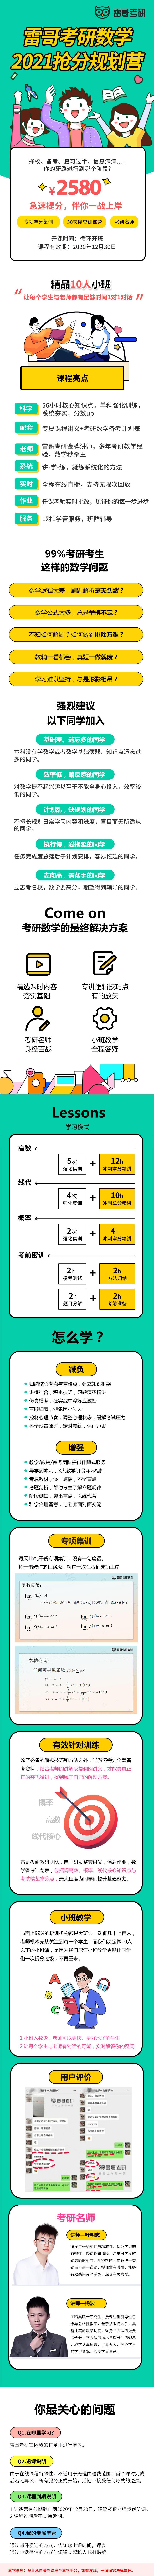 2020考研数学抢分营.jpg